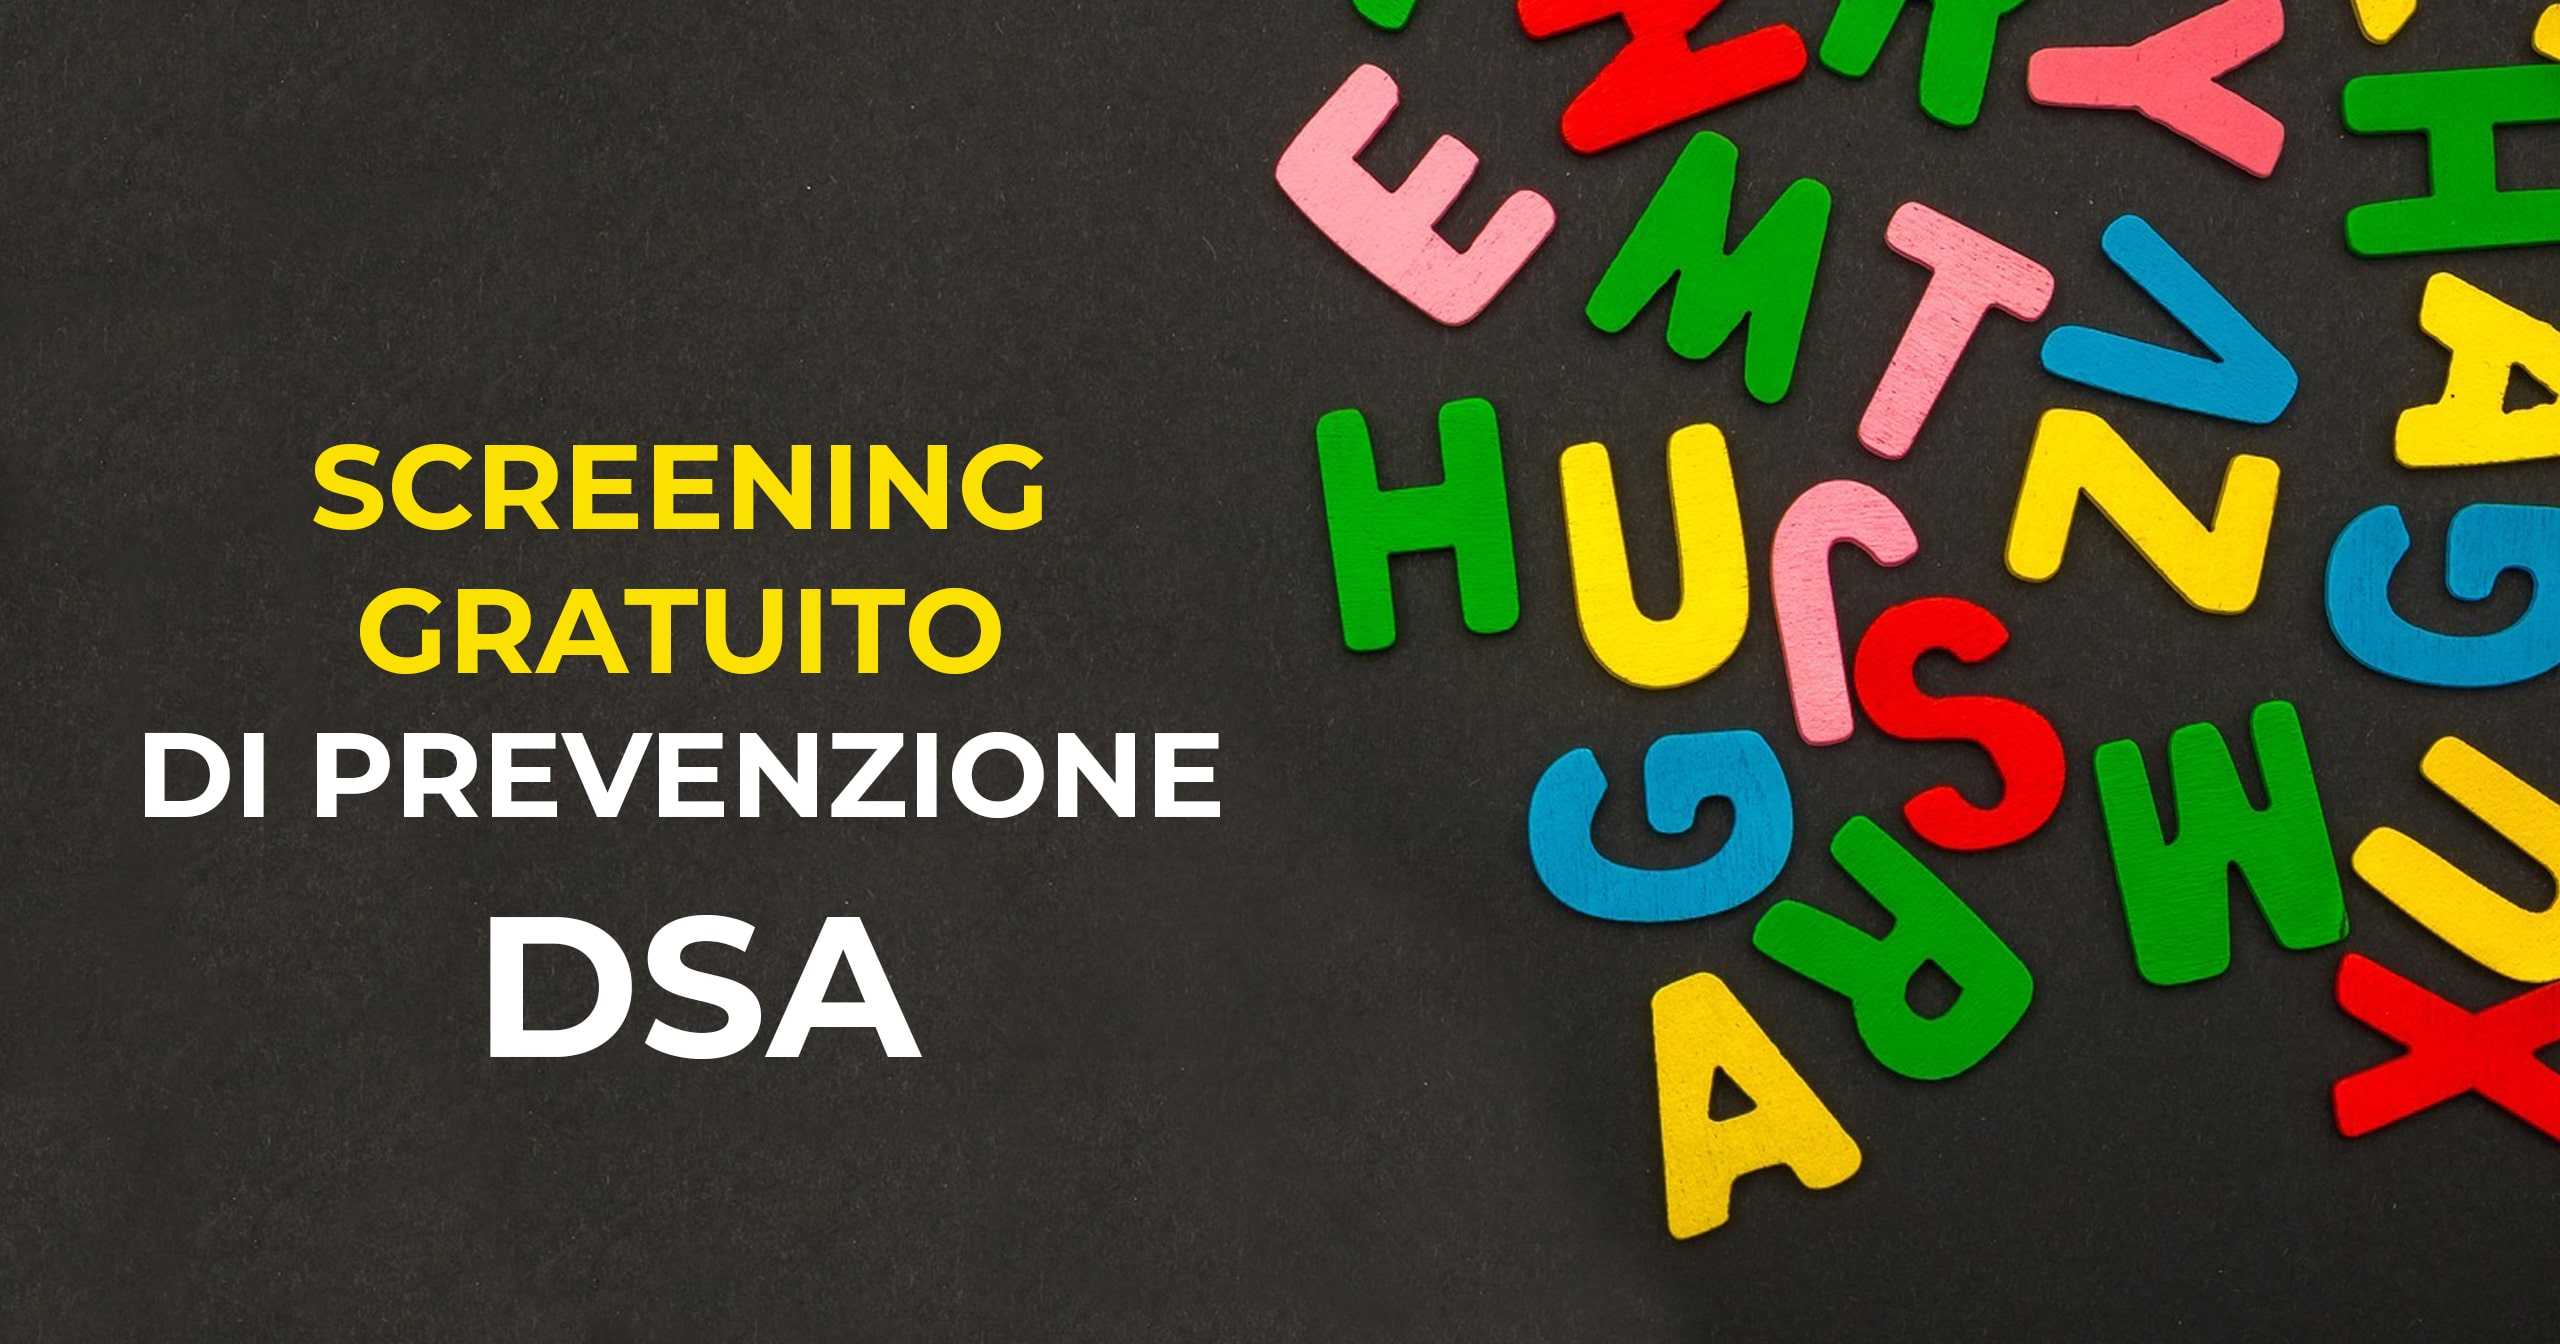 Centro di psicologia e counseling Milano